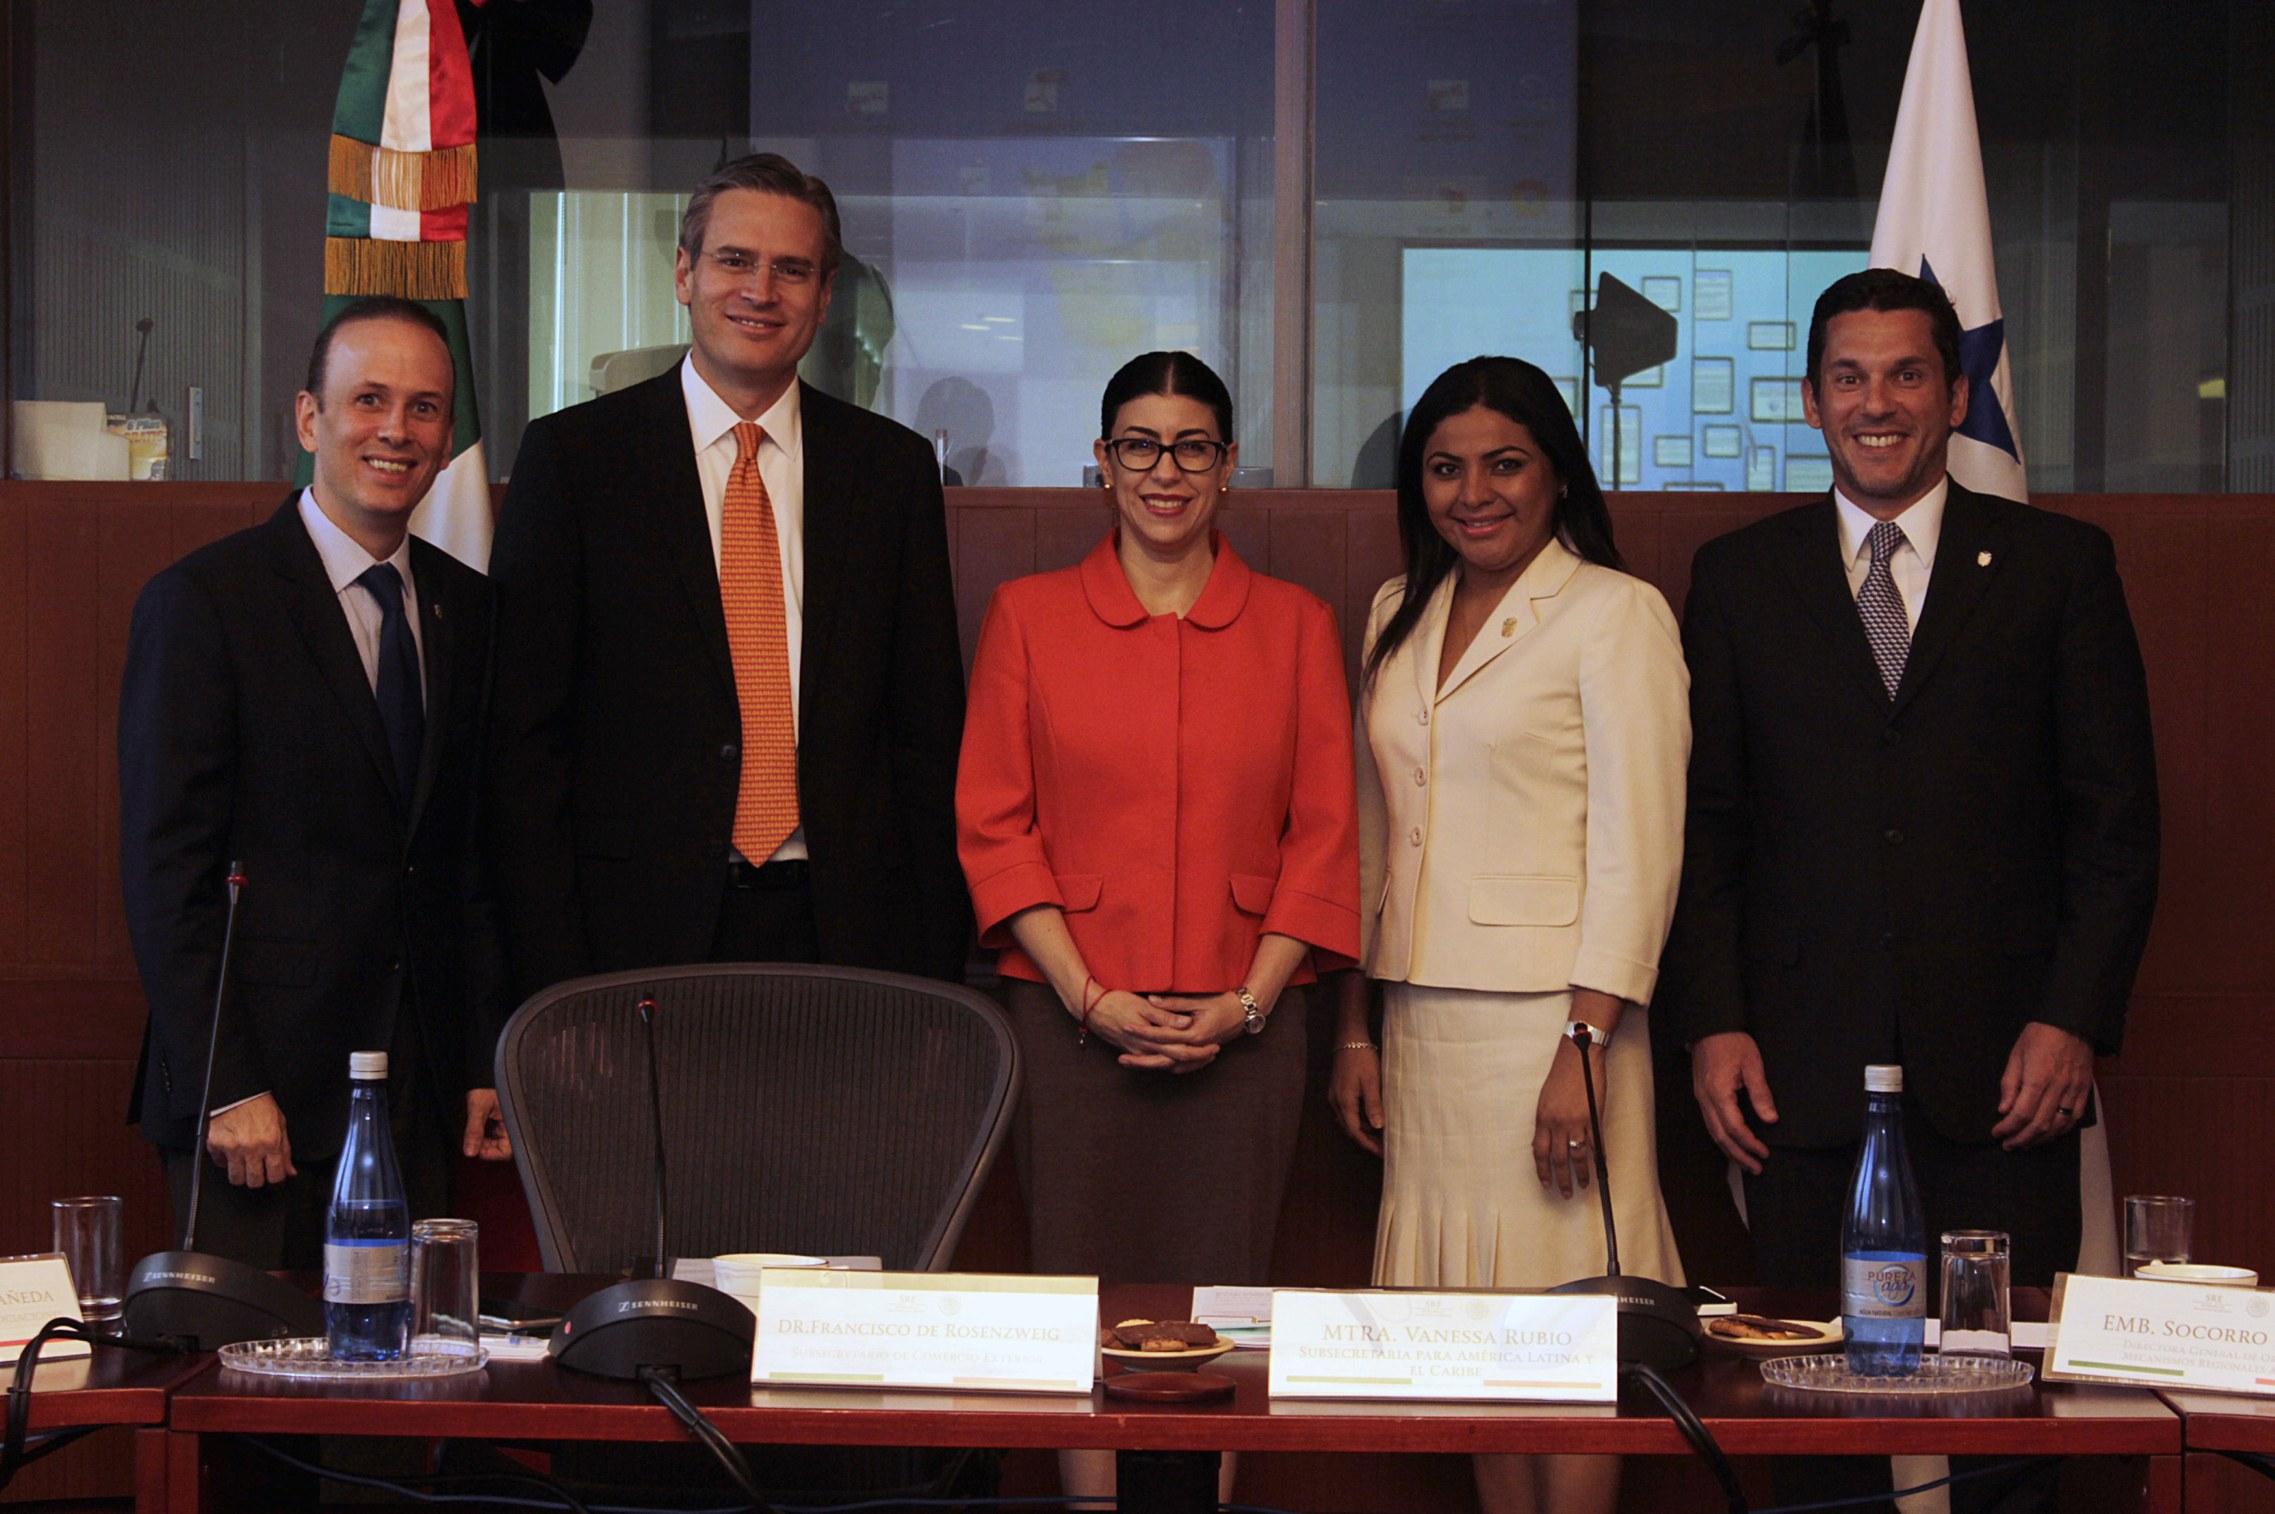 FOTO 1 Seminario de Alto Nivel de la Alianza del Pac fico para Panam jpg